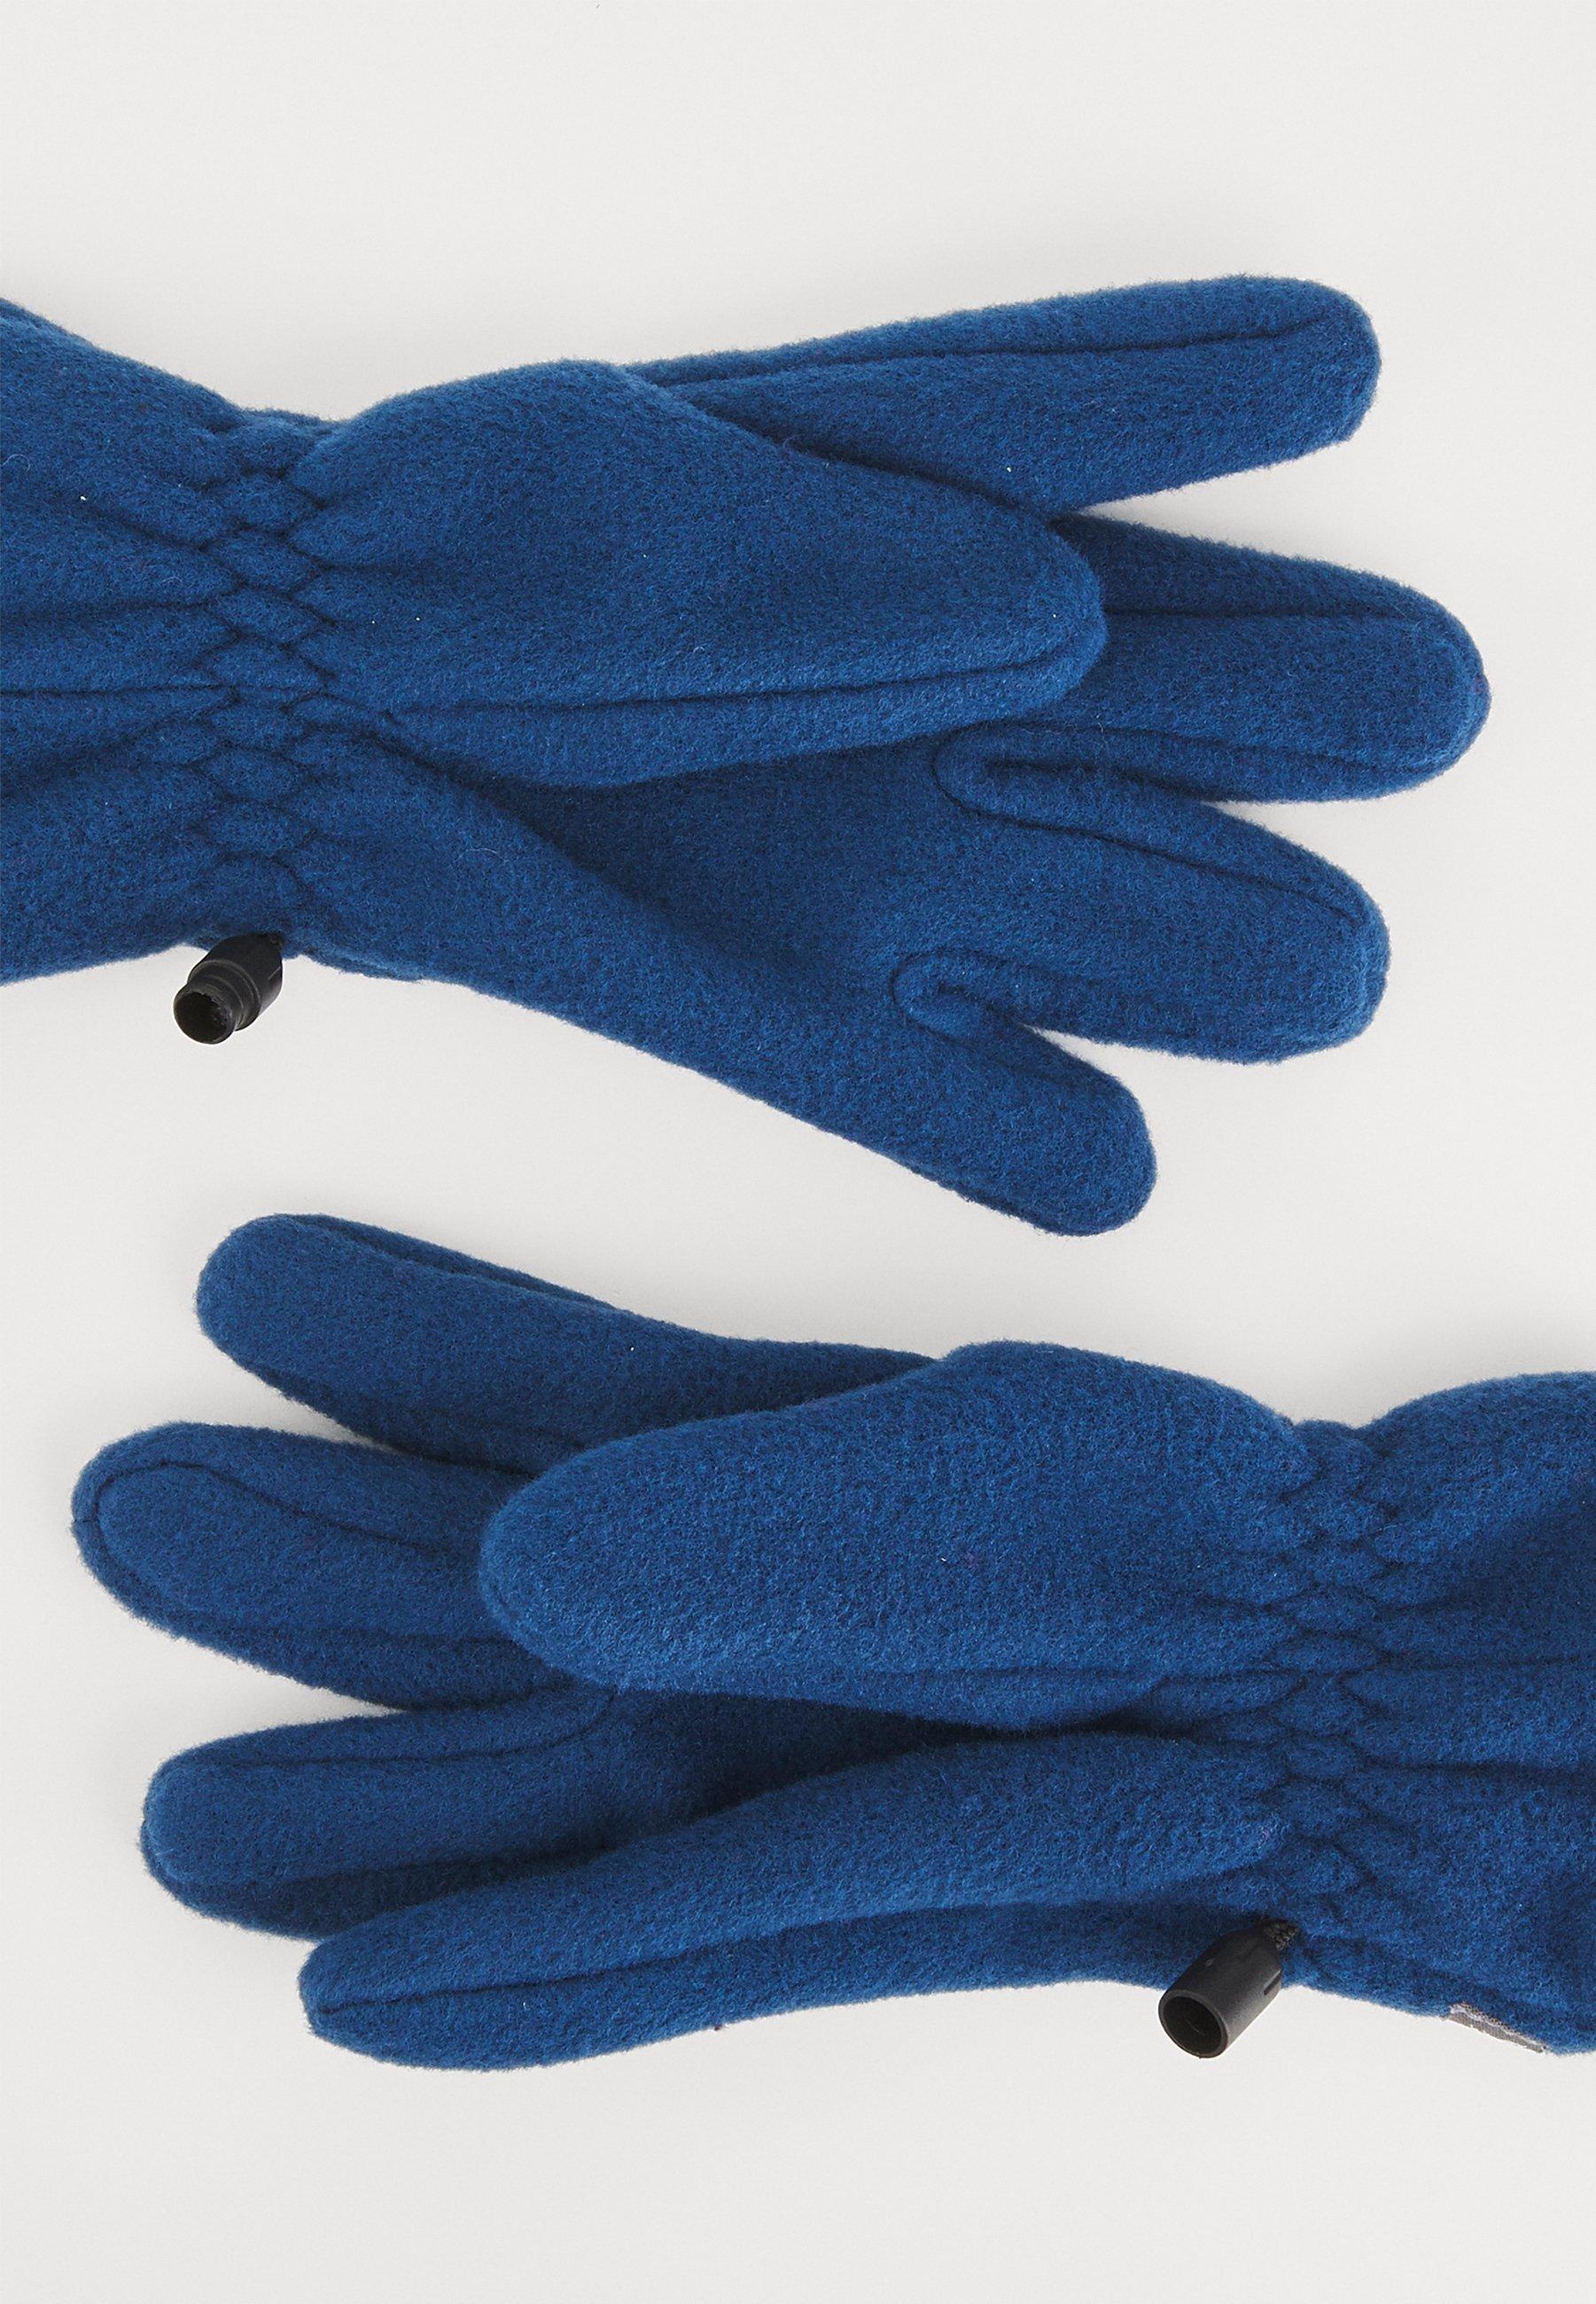 Kinder BAKSMALLA GLOVE KIDS UNISEX - Fingerhandschuh